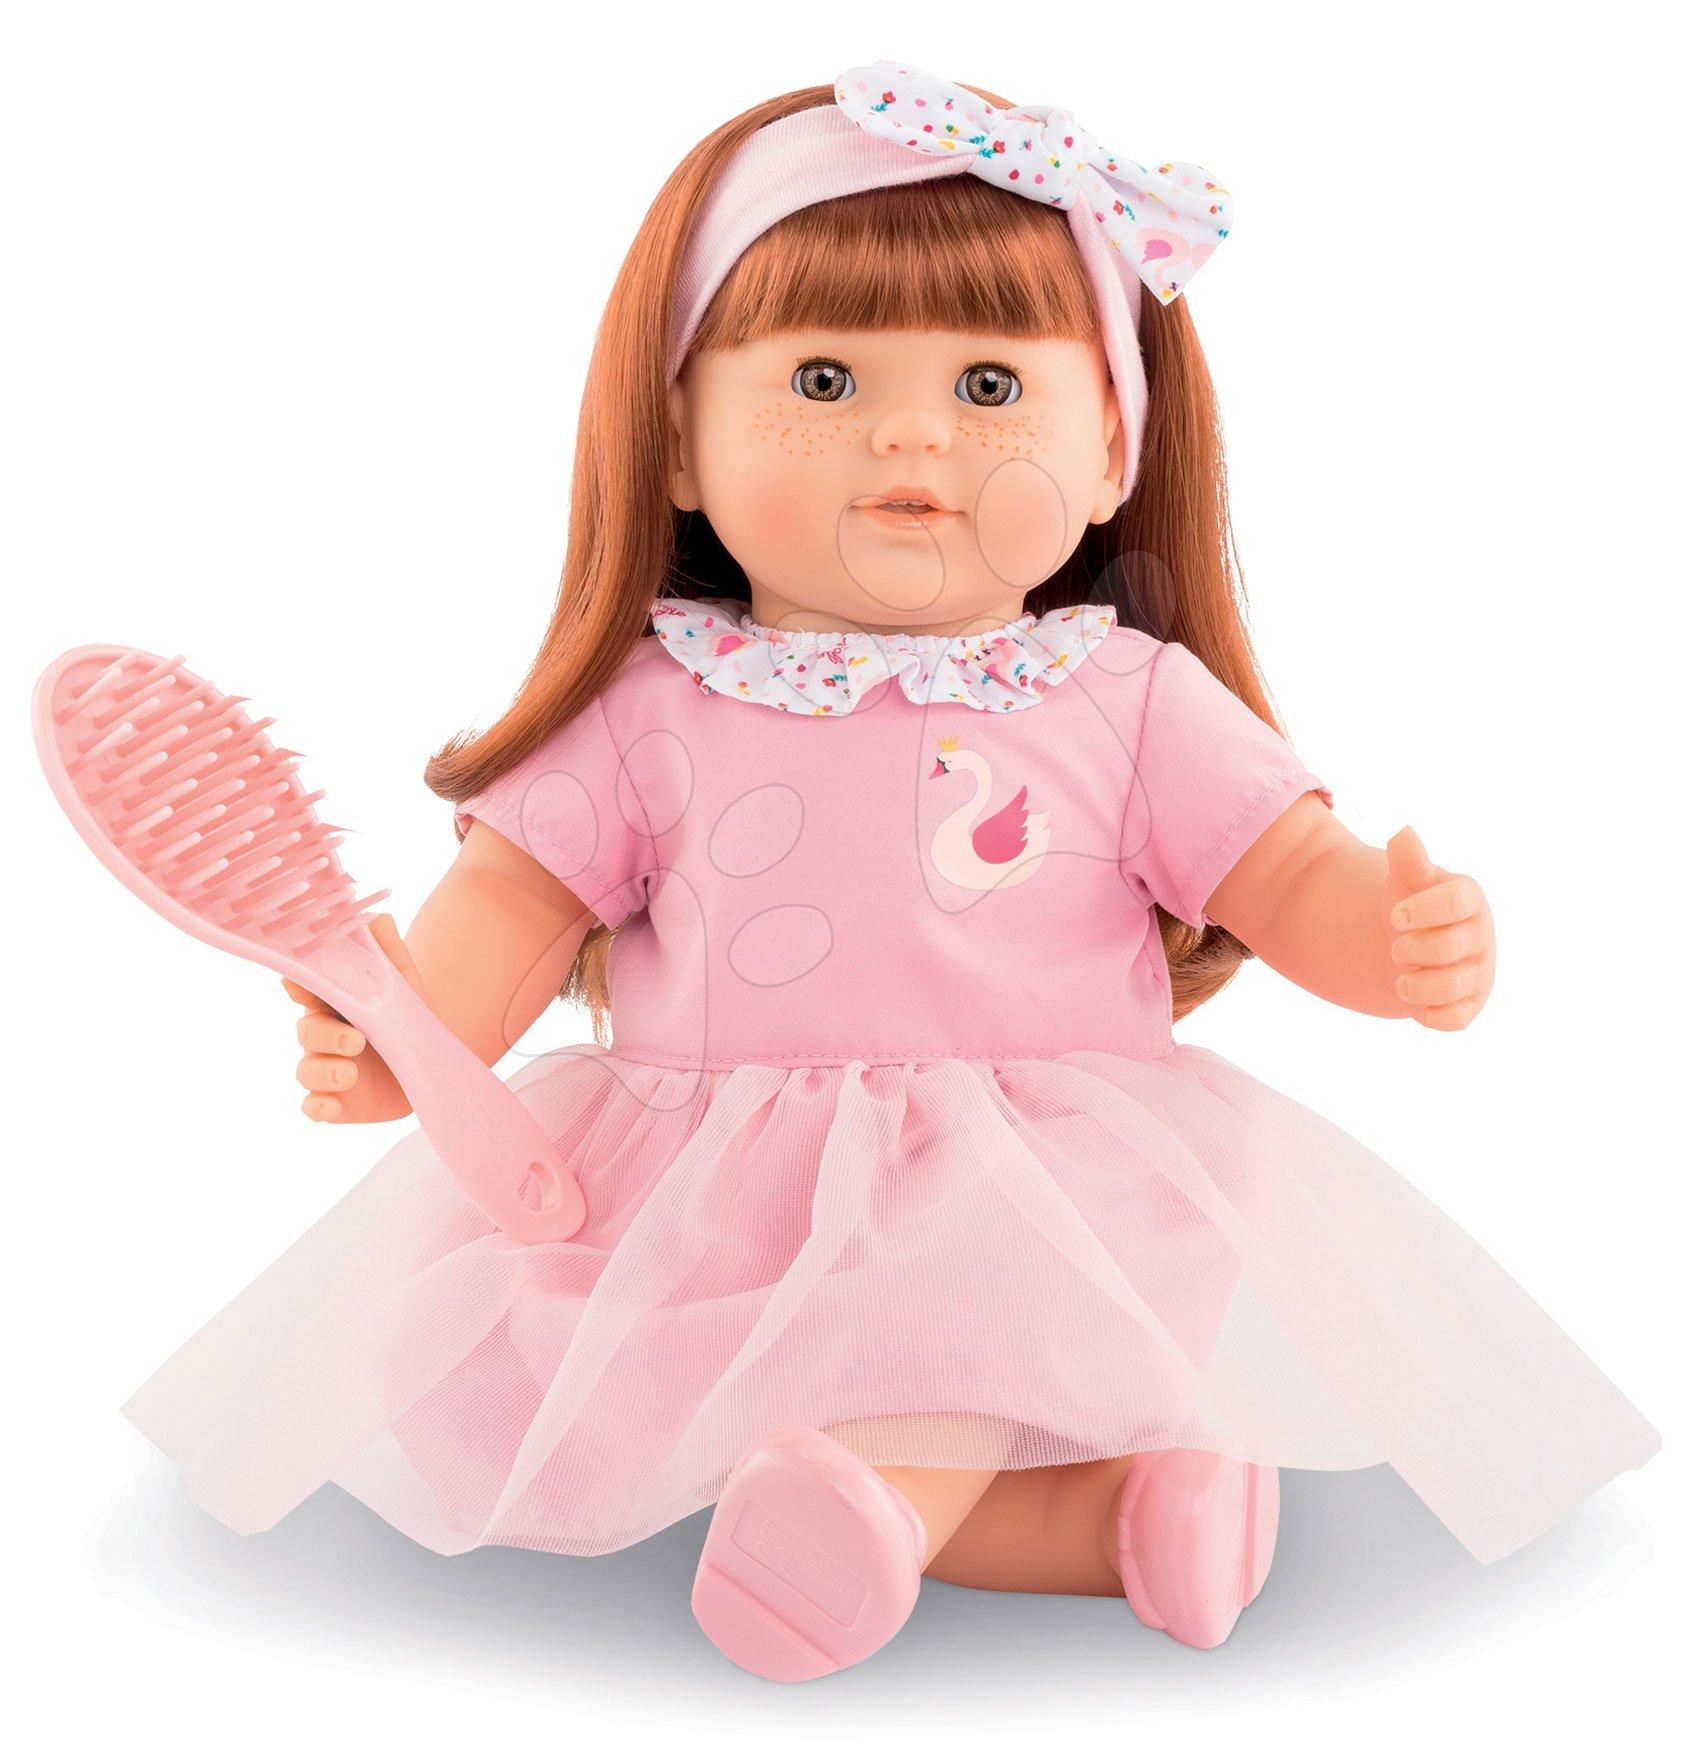 Hračky pre bábätká - Bábika Ambre s ryšavými vlasmi Mon Grand Poupon Corolle 36 cm s hnedými klipkajúcimi očami a hrebeňom od 3 rokov